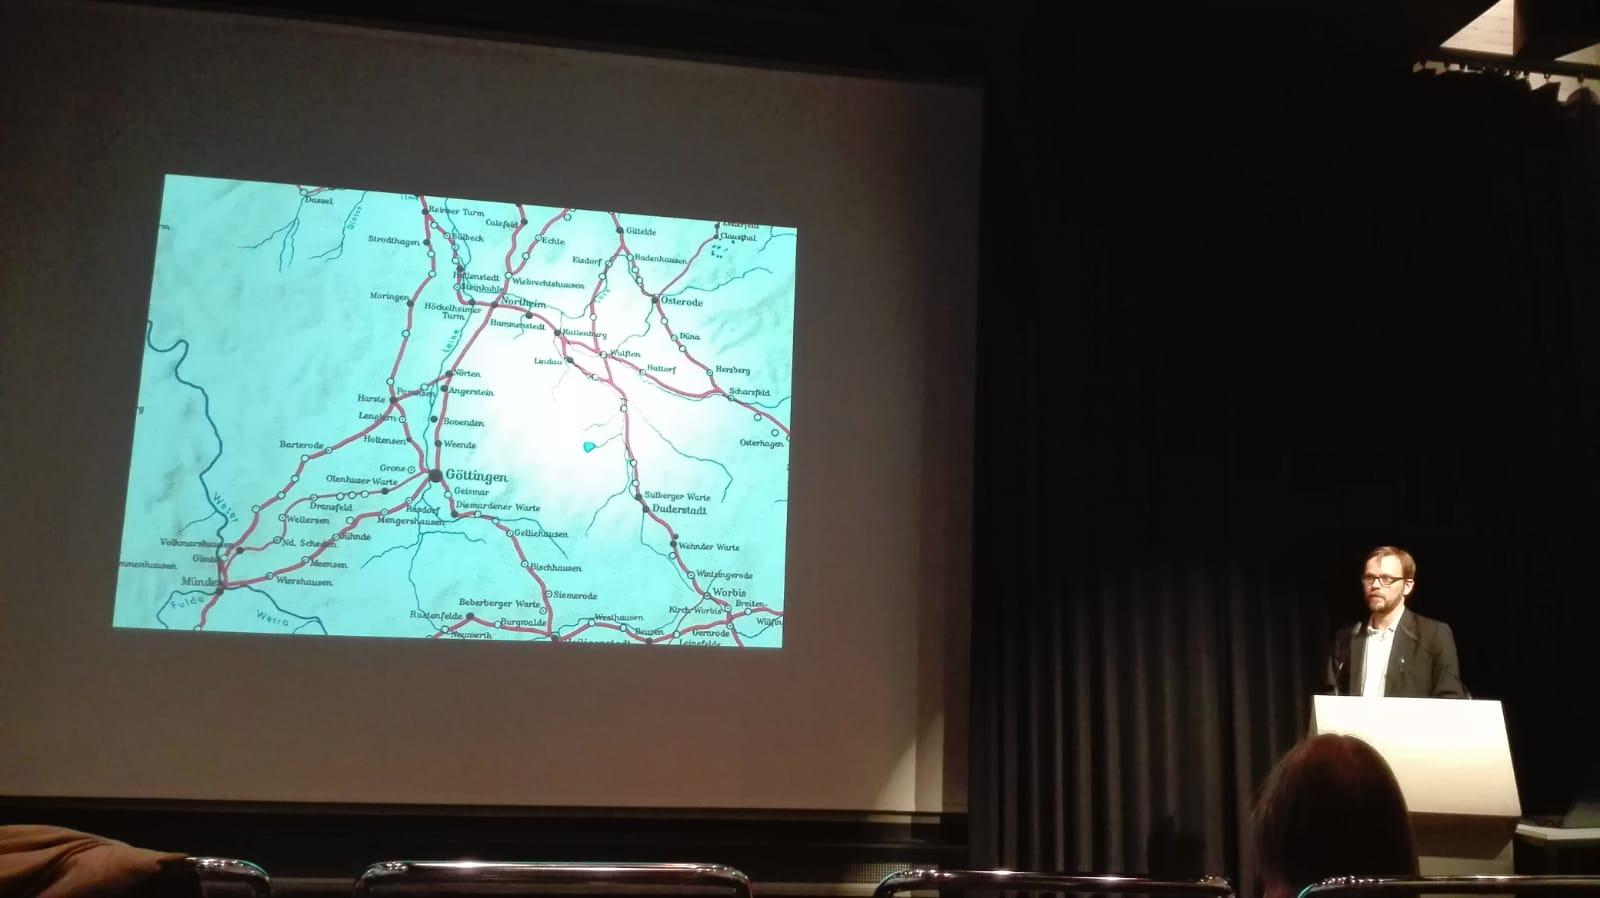 Niels presenting at Hansischer Geschichtsverein